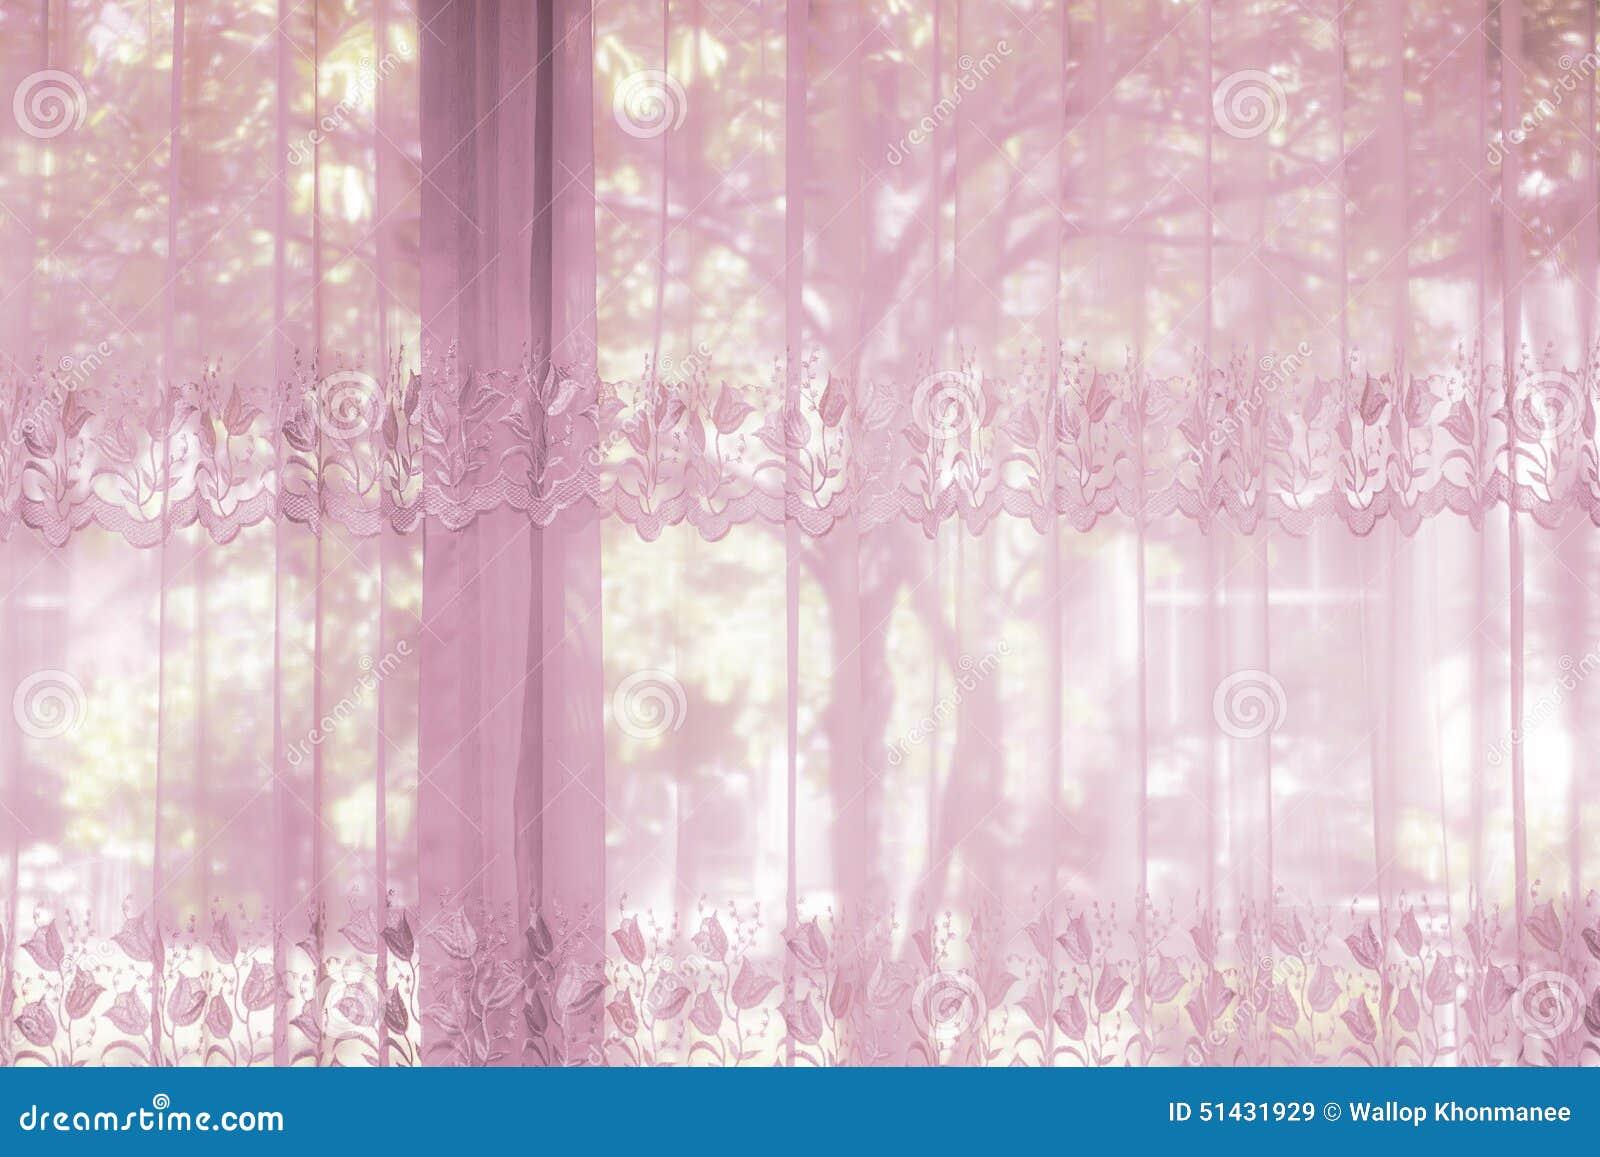 Les fenêtres d'une chambre à coucher ont habillé avec le rideau ...